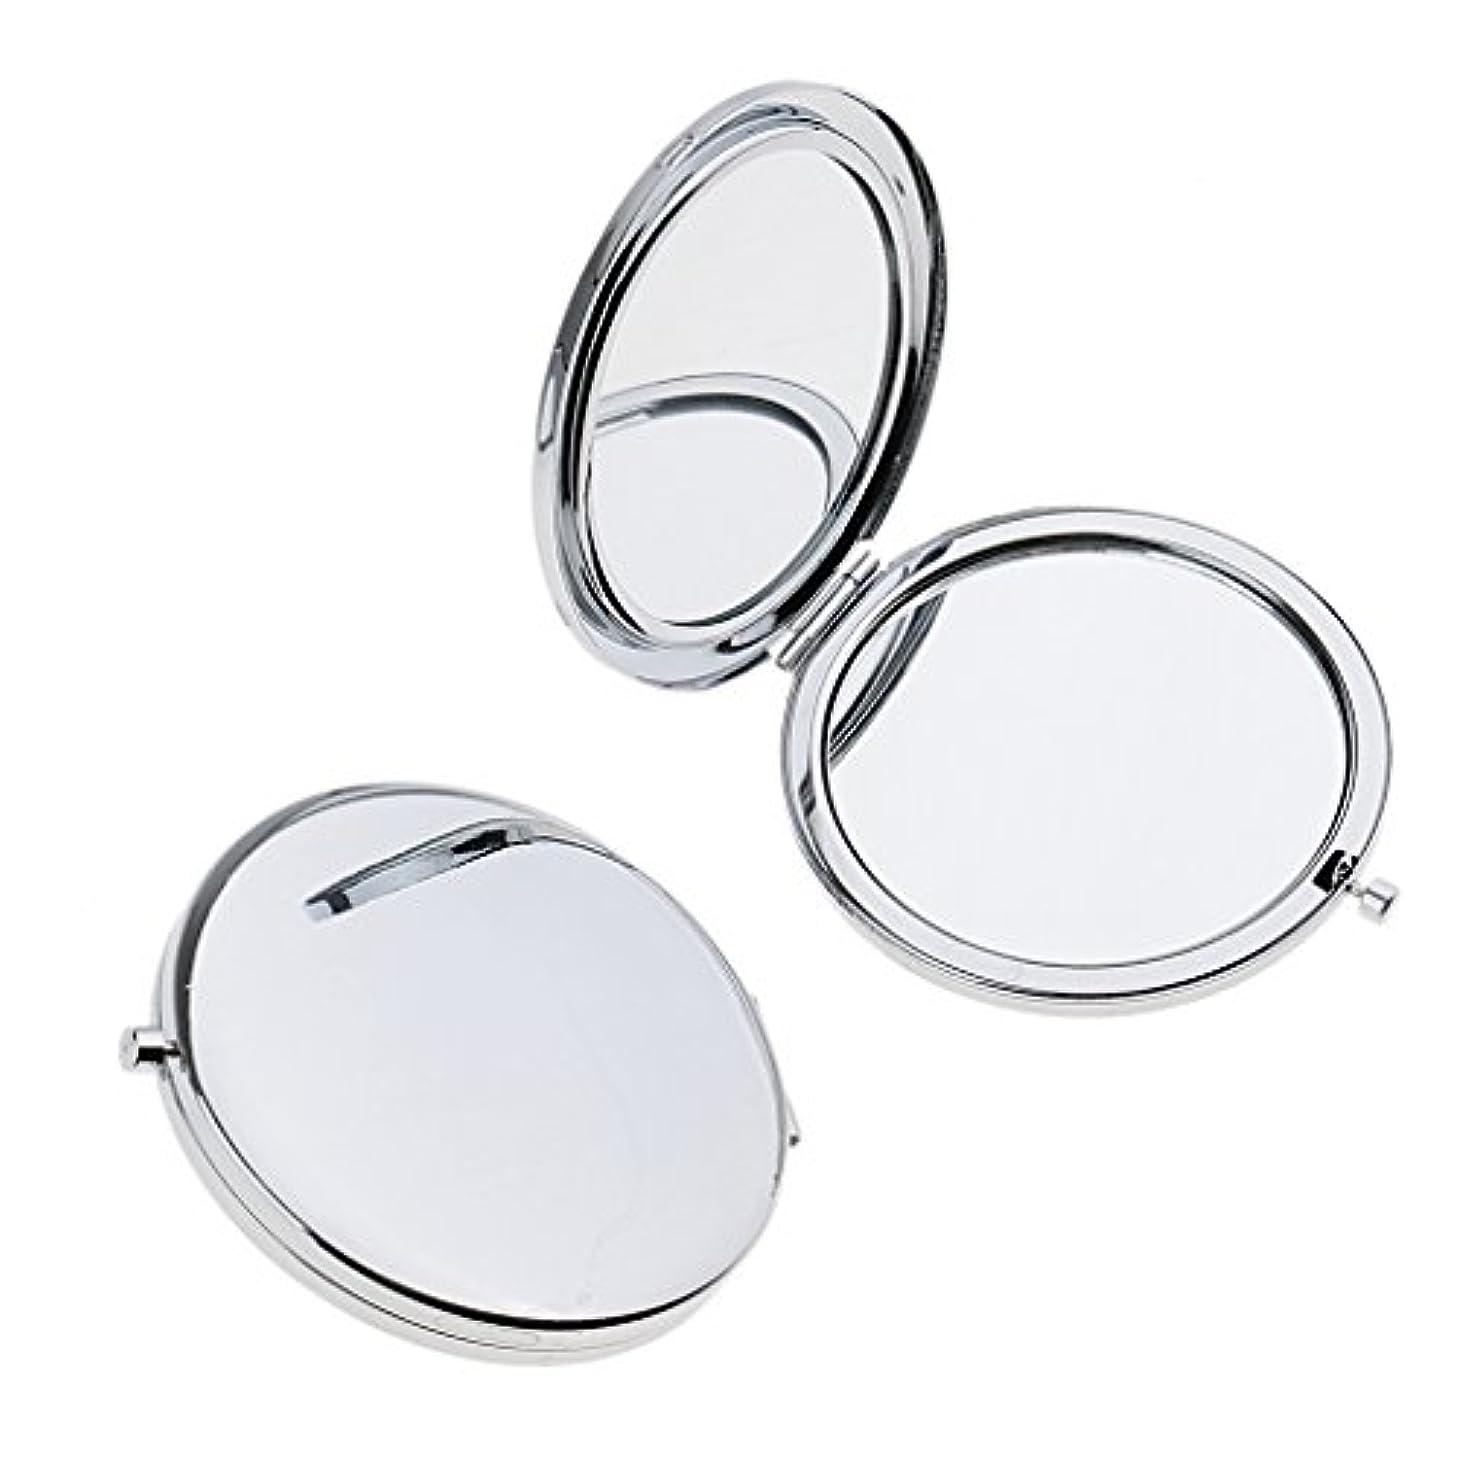 ビジター裂け目バリアT TOOYFUL ミニ手鏡 両面コンパクトミラー ステンレス 折りたたみ式 ハンドミラー 携帯ミラー 2個入り - 銀